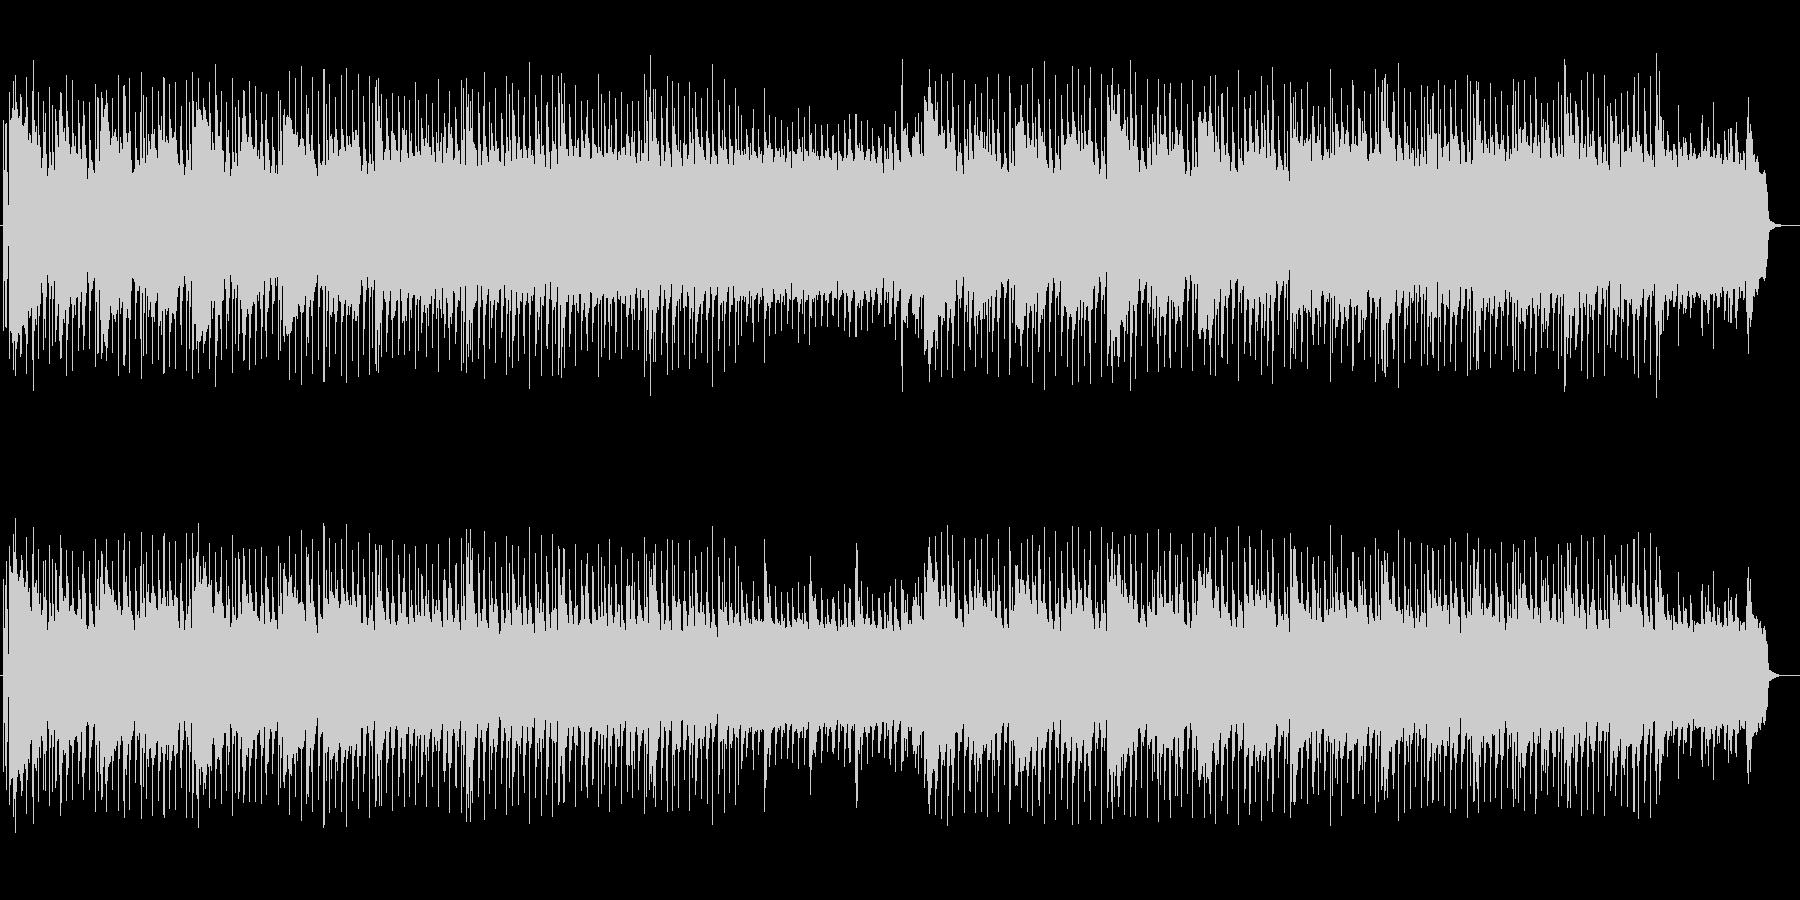 魅惑的で独特の響きのあるミュージックの未再生の波形